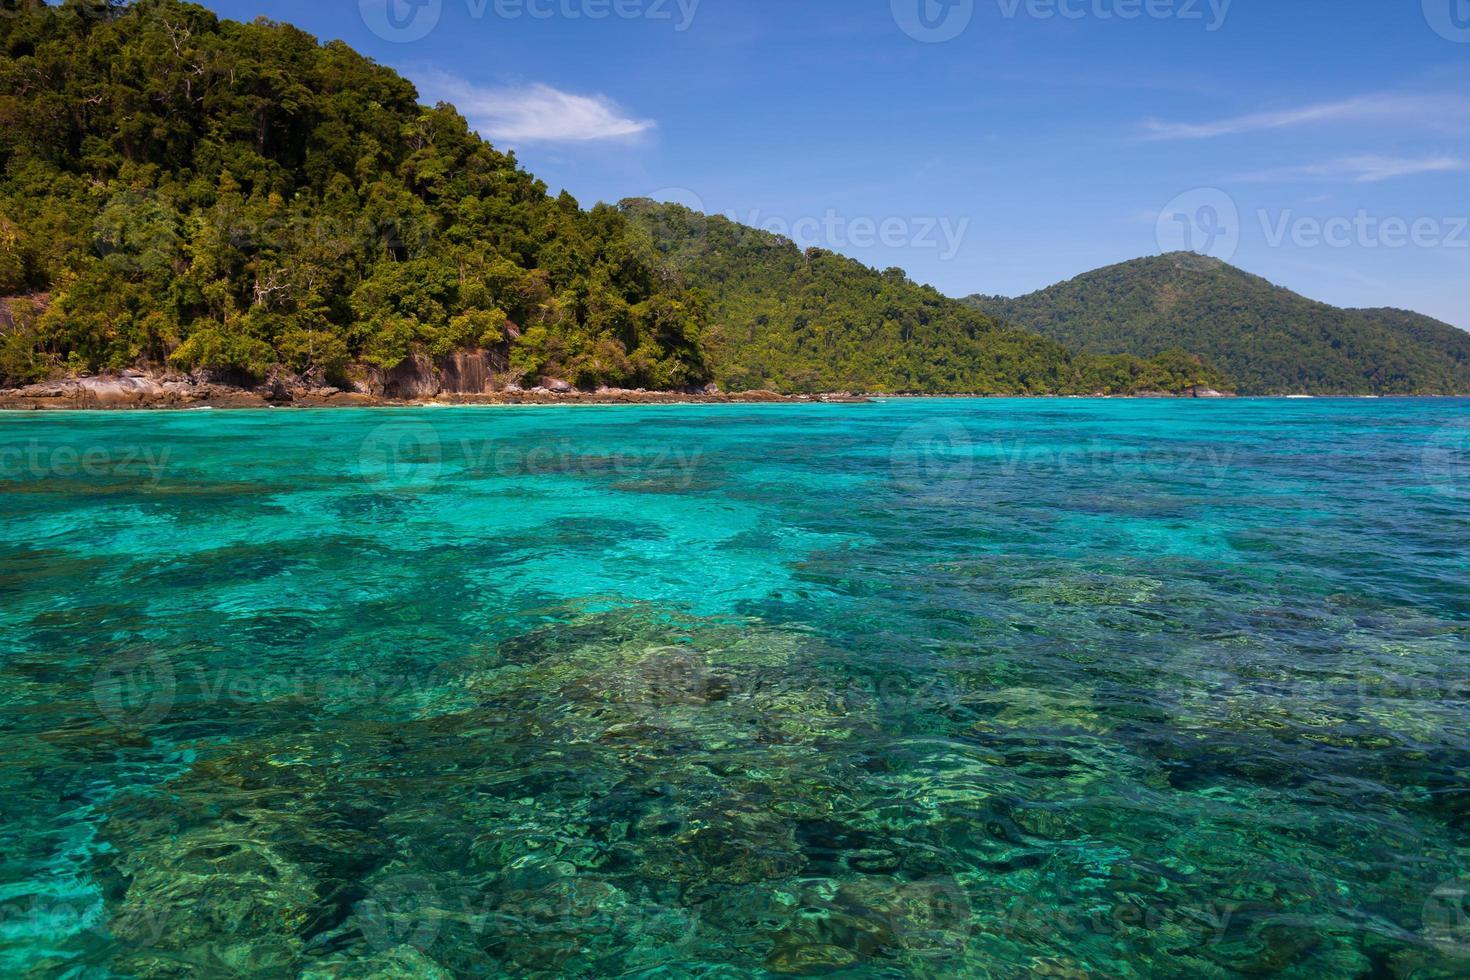 mare blu con montagne verdi foto